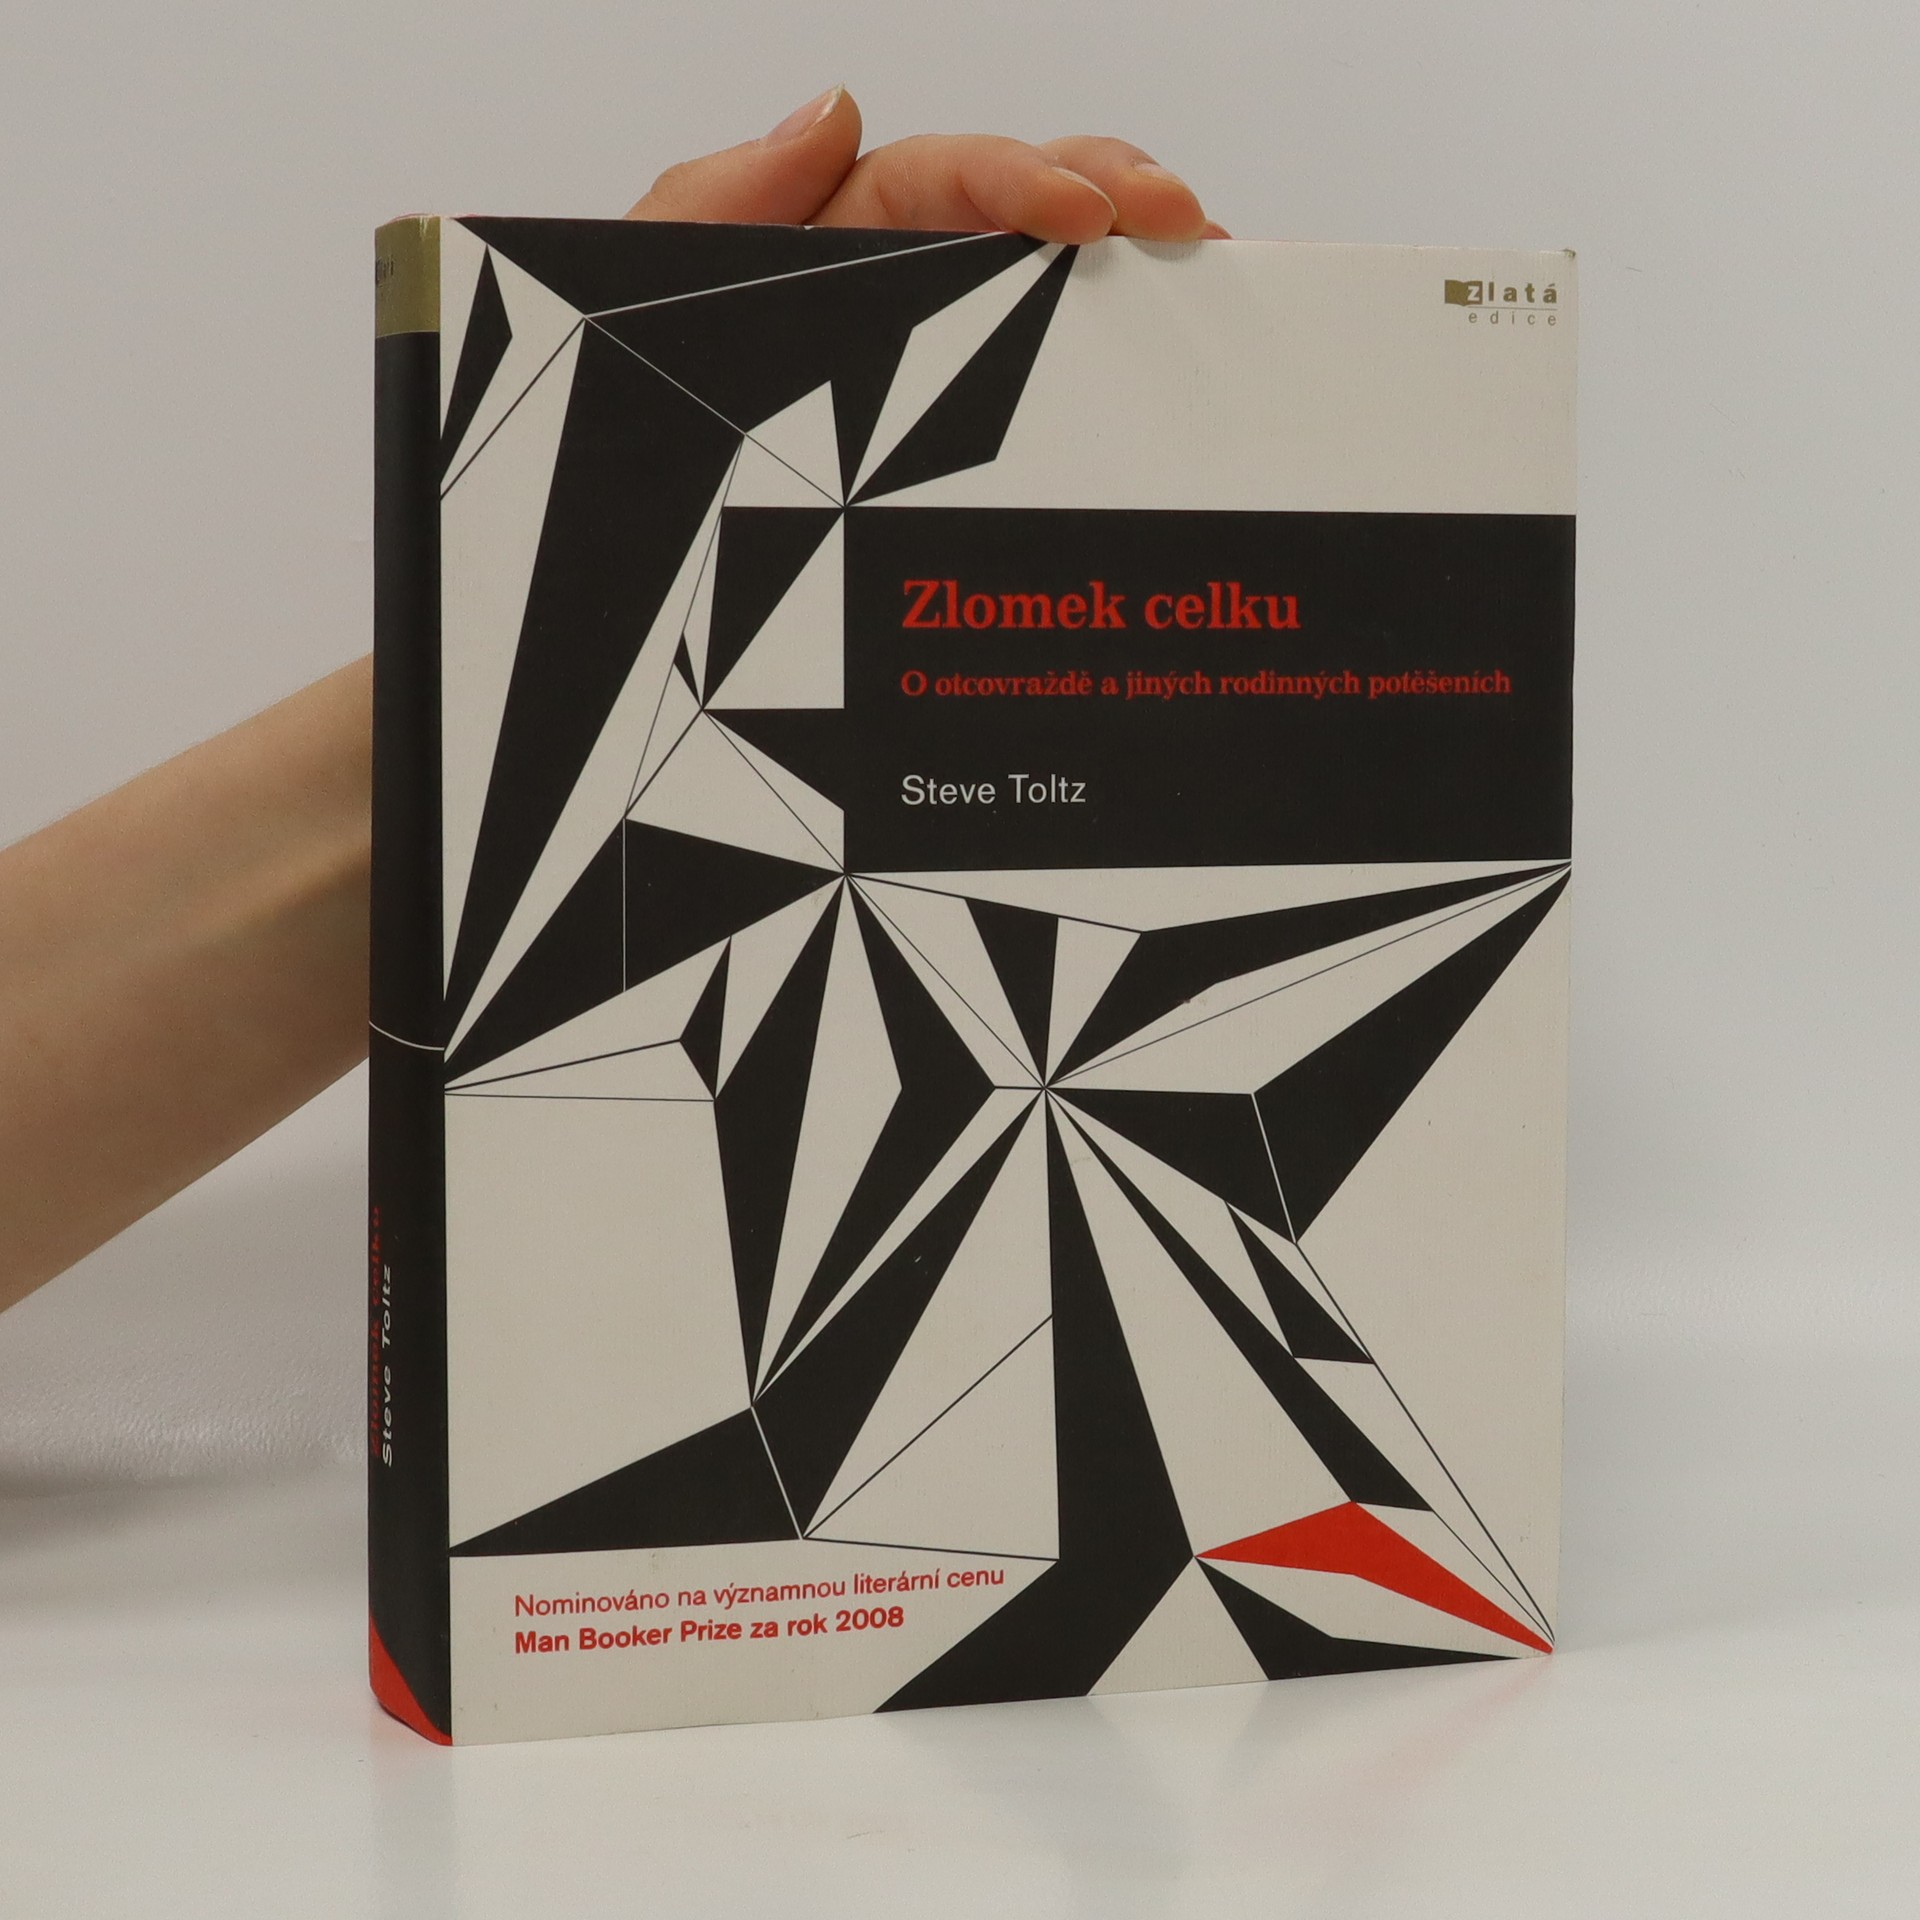 antikvární kniha Zlomek celku : O otcovraždě a jiných rodinných potěšeních, 2010